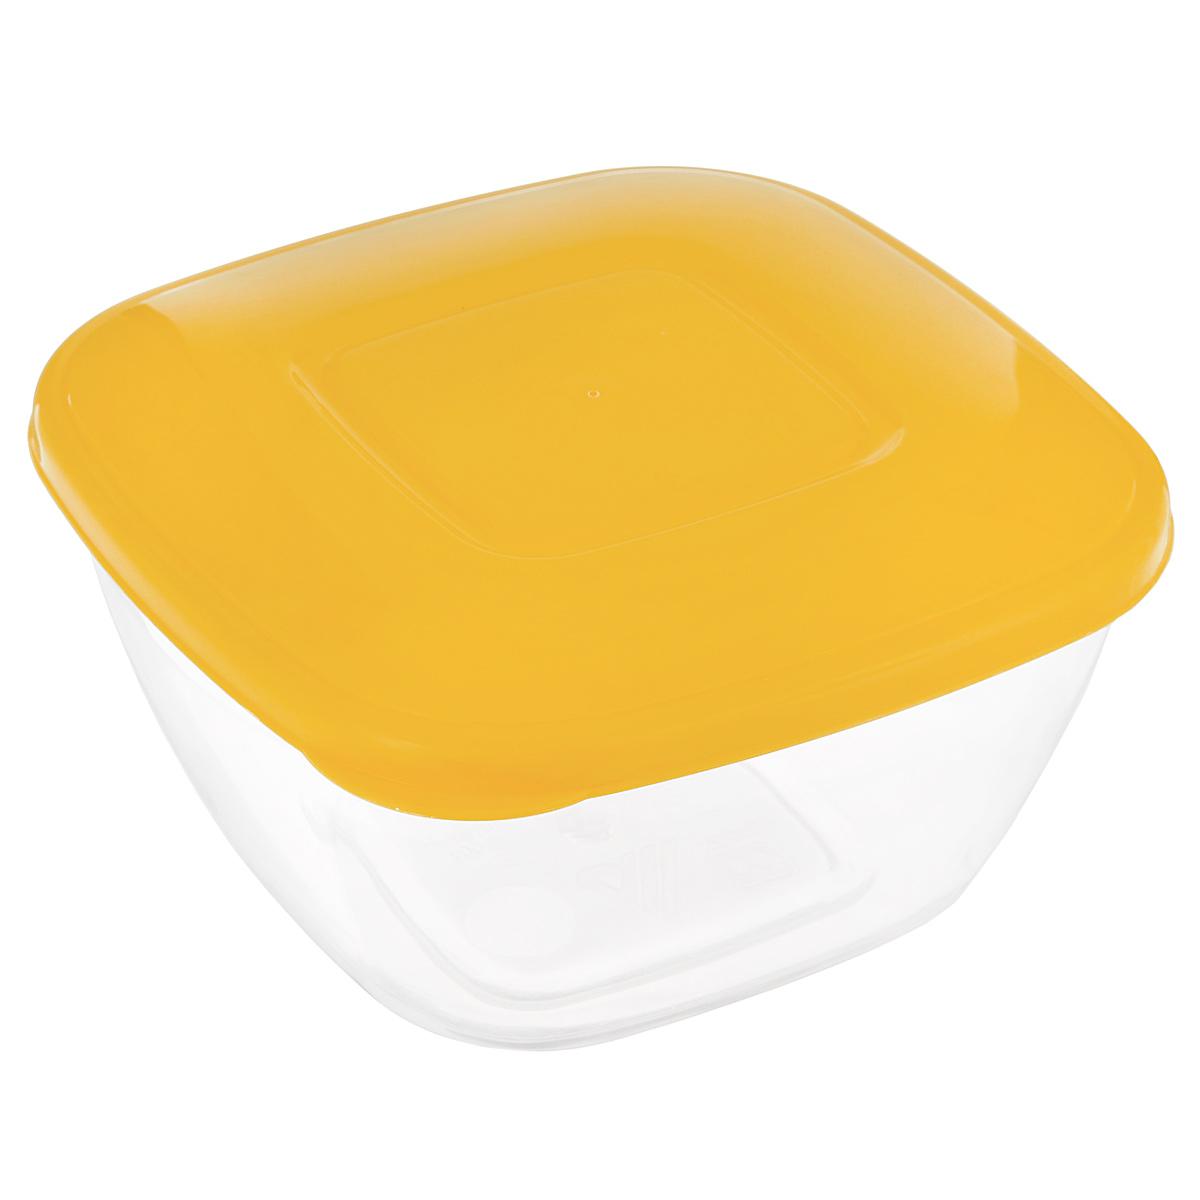 Емкость для СВЧ Альтернатива, цвет: желтый, прозрачный, 0,8 л. М371М371Емкость для СВЧ Альтернатива выполнена из высококачественного пищевого пластика и предназначена для горячих и холодных пищевых продуктов. Крышка плотно закрывается, дольше сохраняя продукты свежими и вкусными. Контейнер идеально подходит для хранения пищи, его удобно брать с собой на работу, учебу, пикник или просто использовать для хранения продуктов в холодильнике.